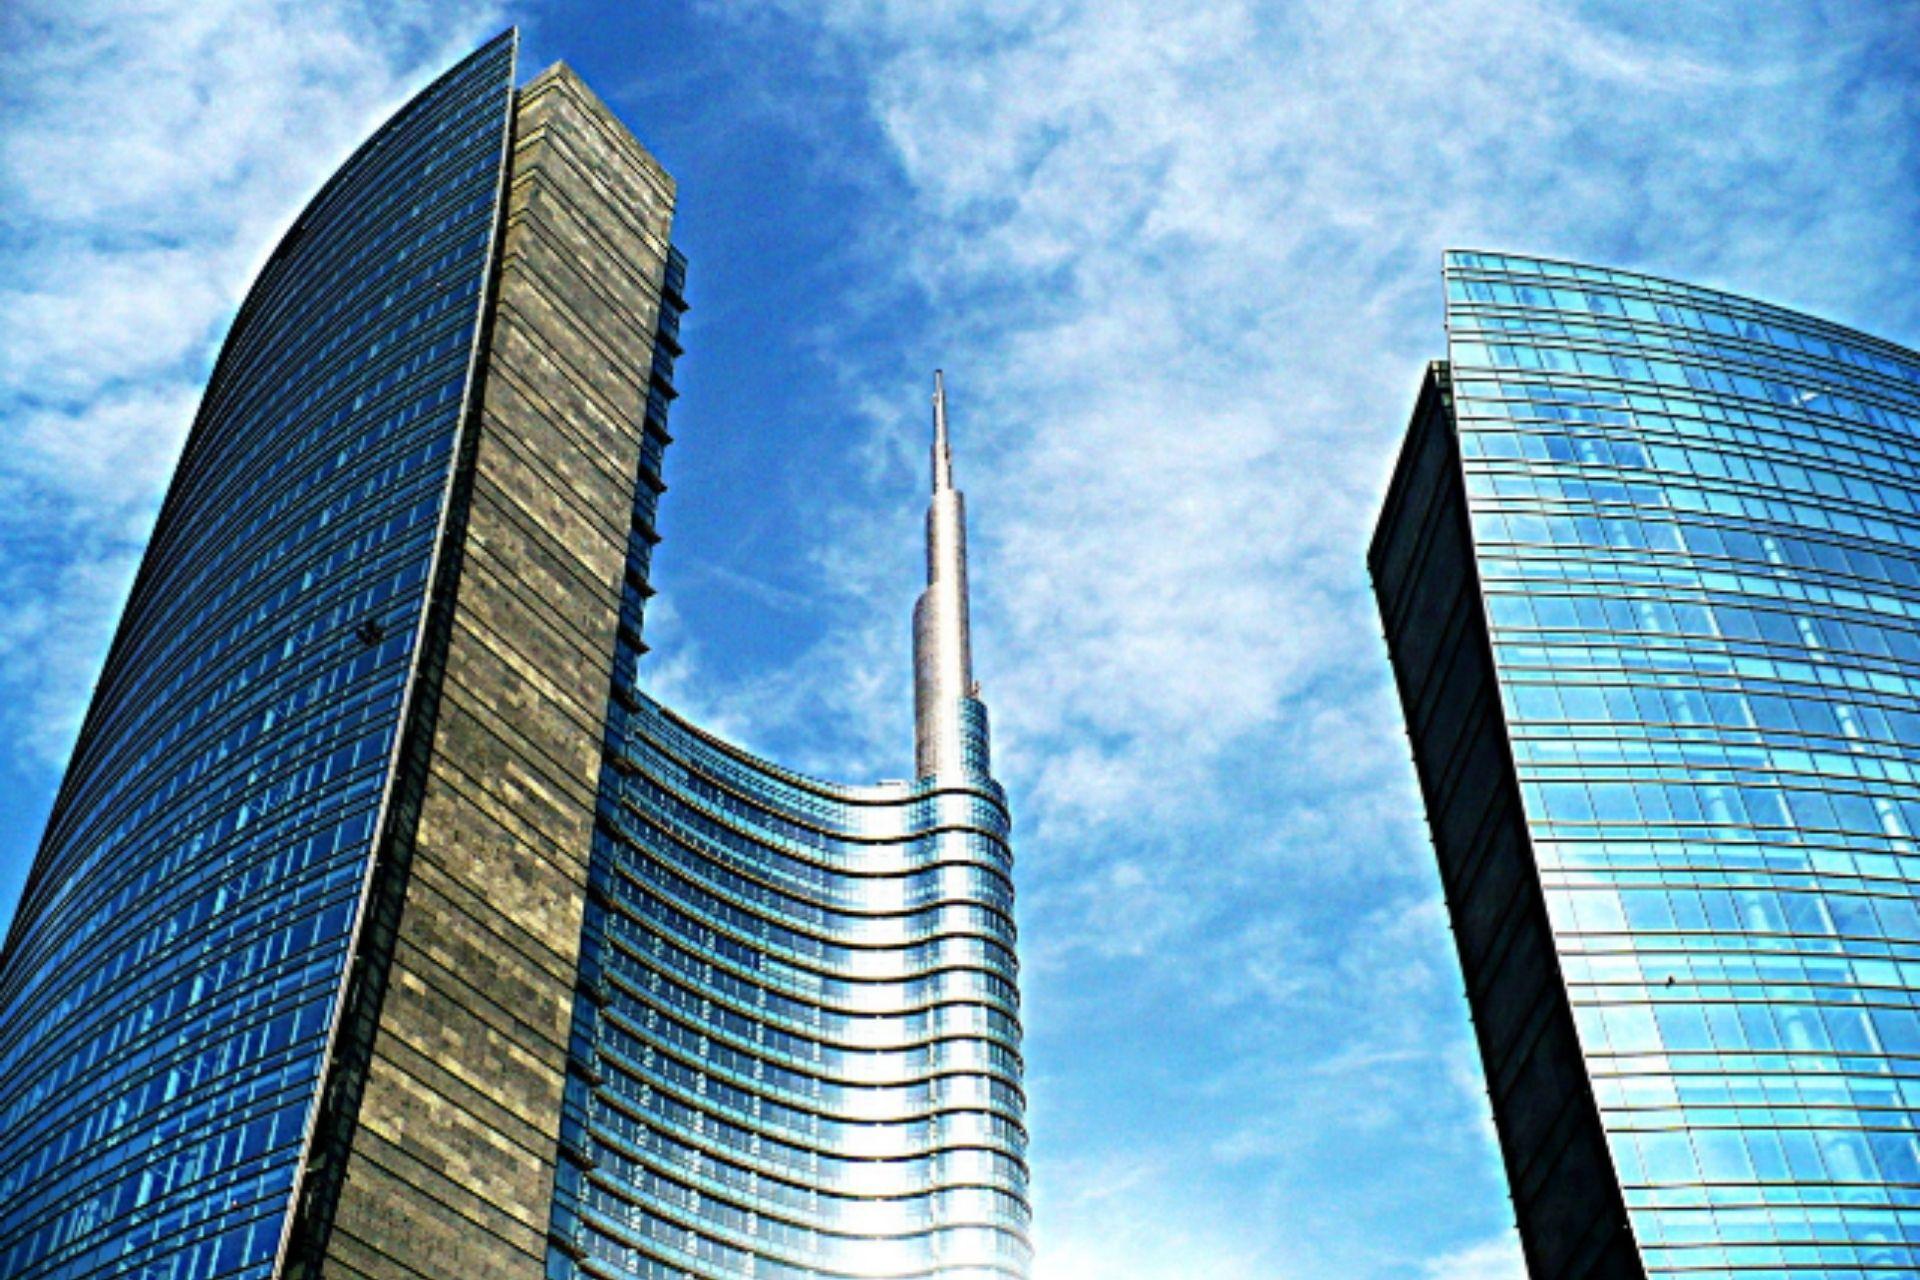 Grattacieli Milano bambini